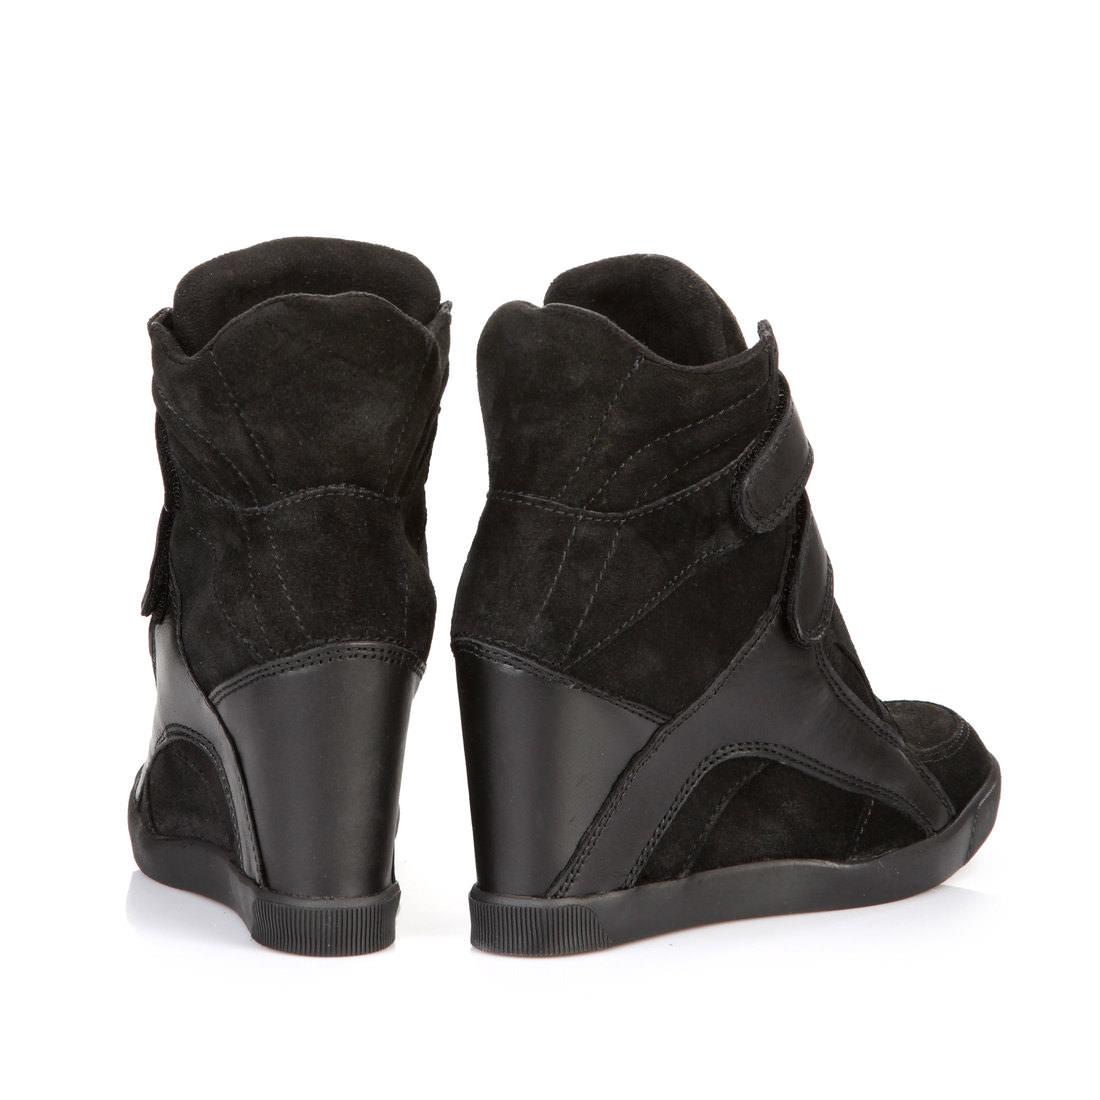 Black Wedge Heel Sneakers